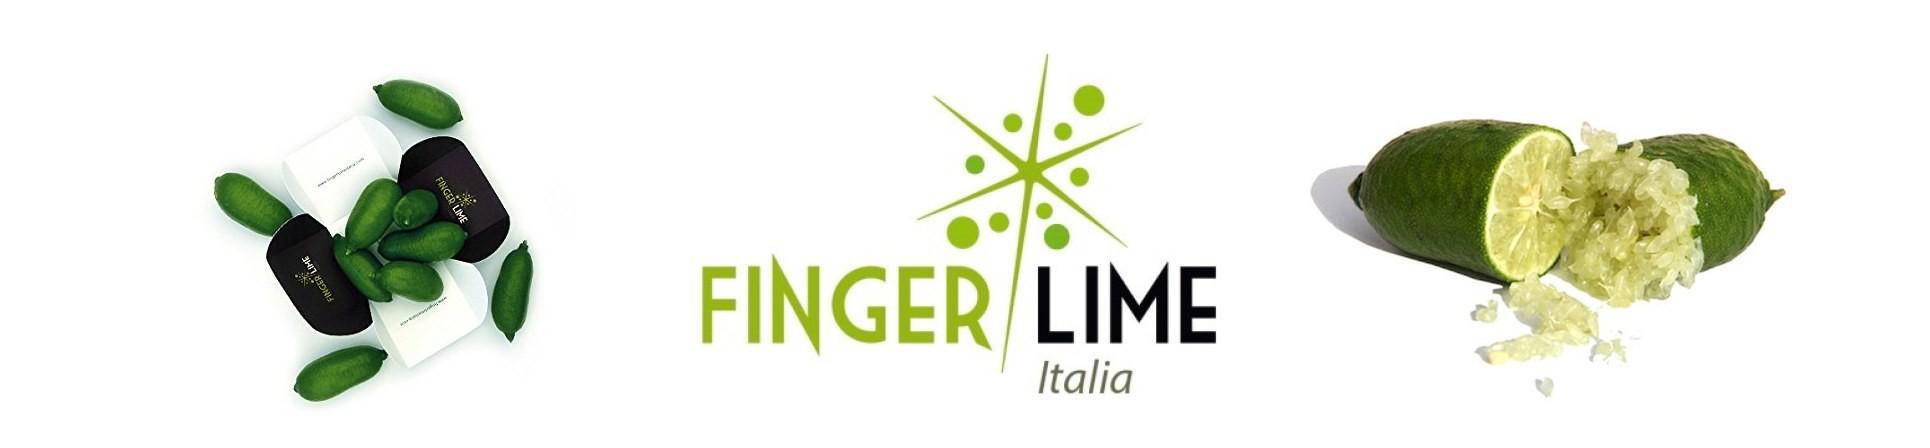 B2B GUSTOX - il Marketplace all'ingrosso delle eccellenze agroalimentari italiane - Finger Lime italia